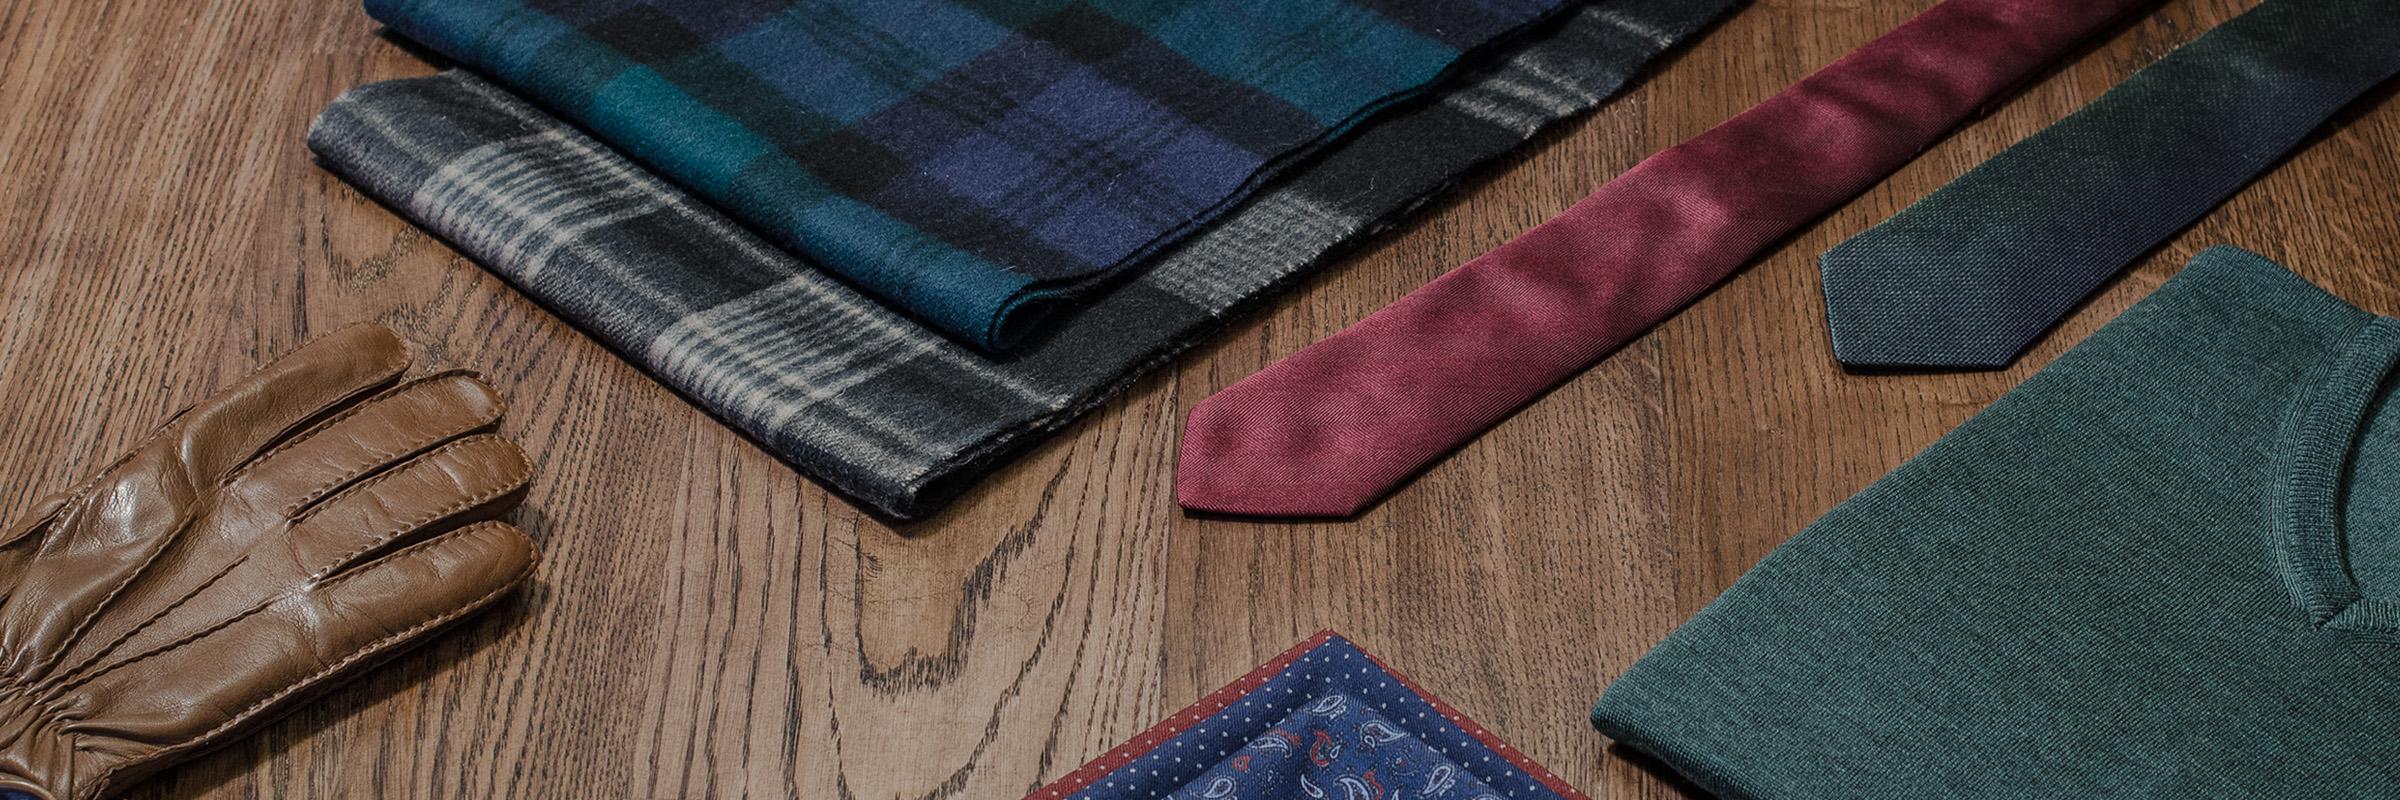 Julegaver for menn - skjerf, slips, hansker, lommetørkle